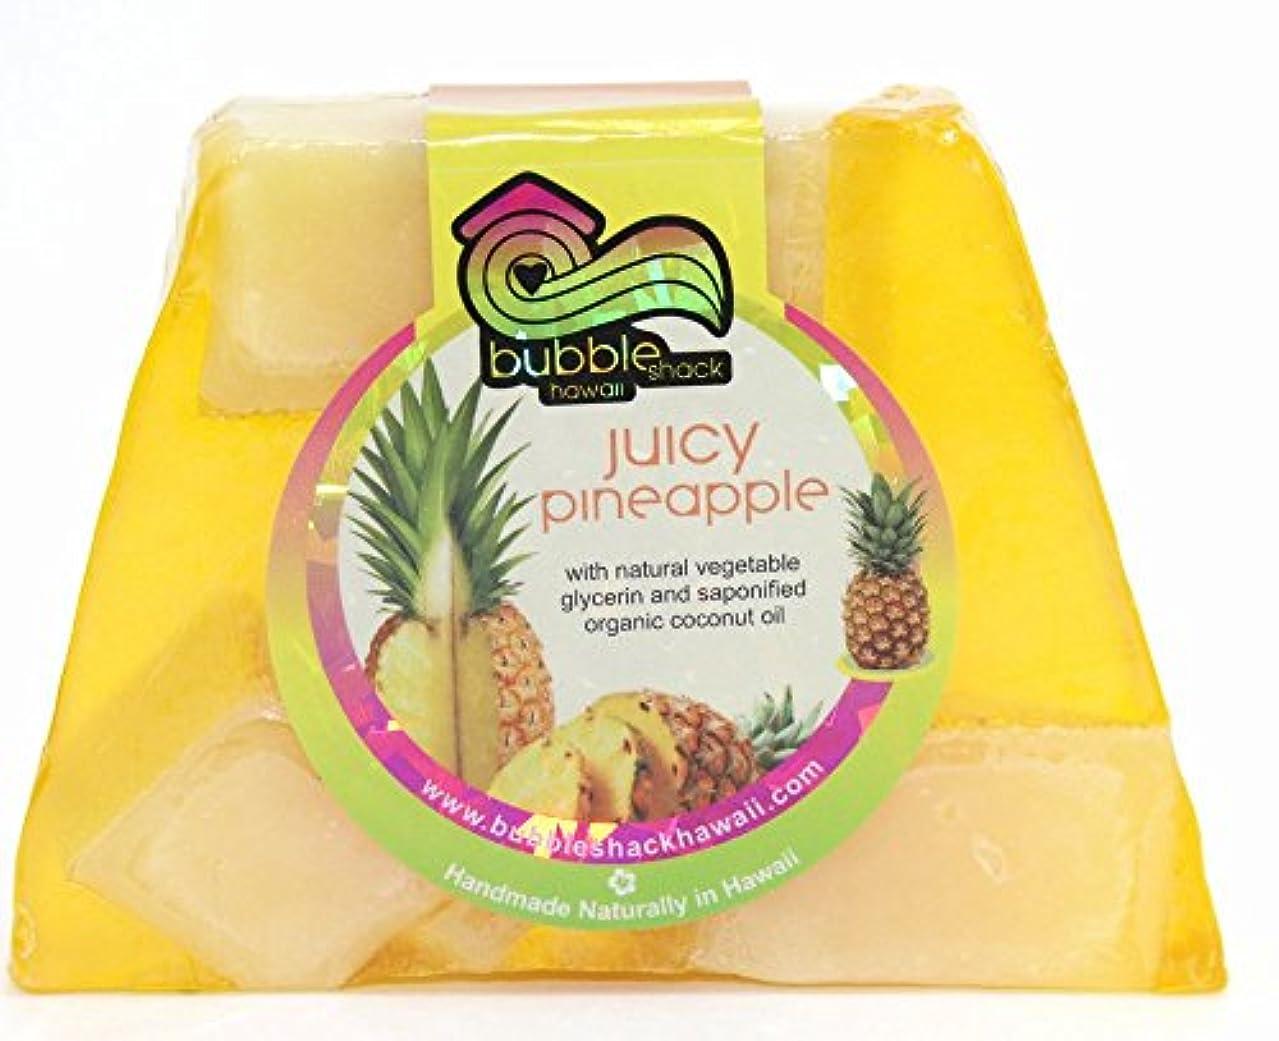 内なるインスタントフィドルハワイ お土産 ハワイアン雑貨 バブルシャック パイナップル チャンクソープ 石鹸 (パイナップル) ハワイ雑貨